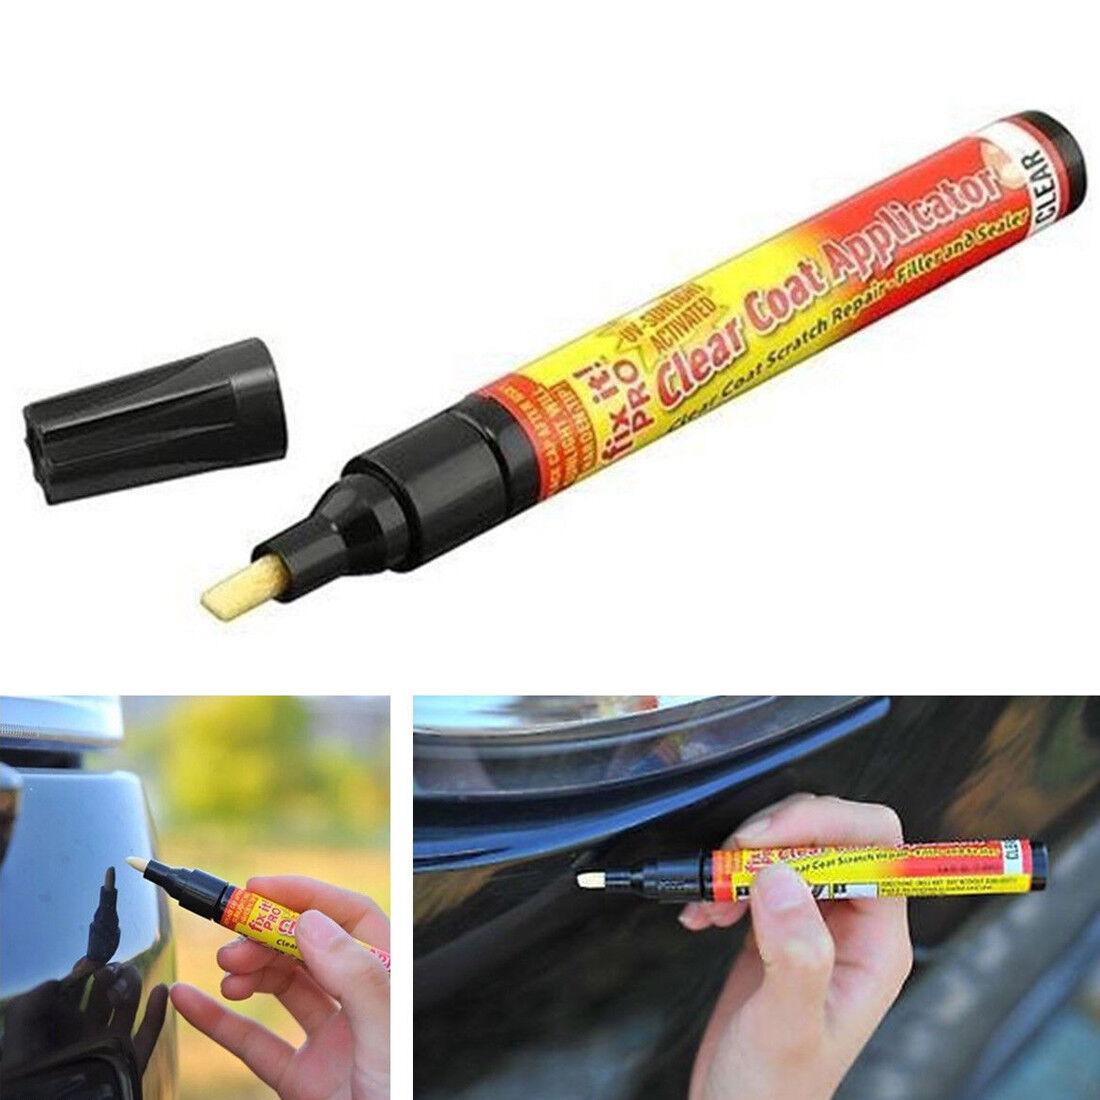 Fix It Pro Car Auto Scratch Repair Remover Pen Clear Coat Applicator B13U Good